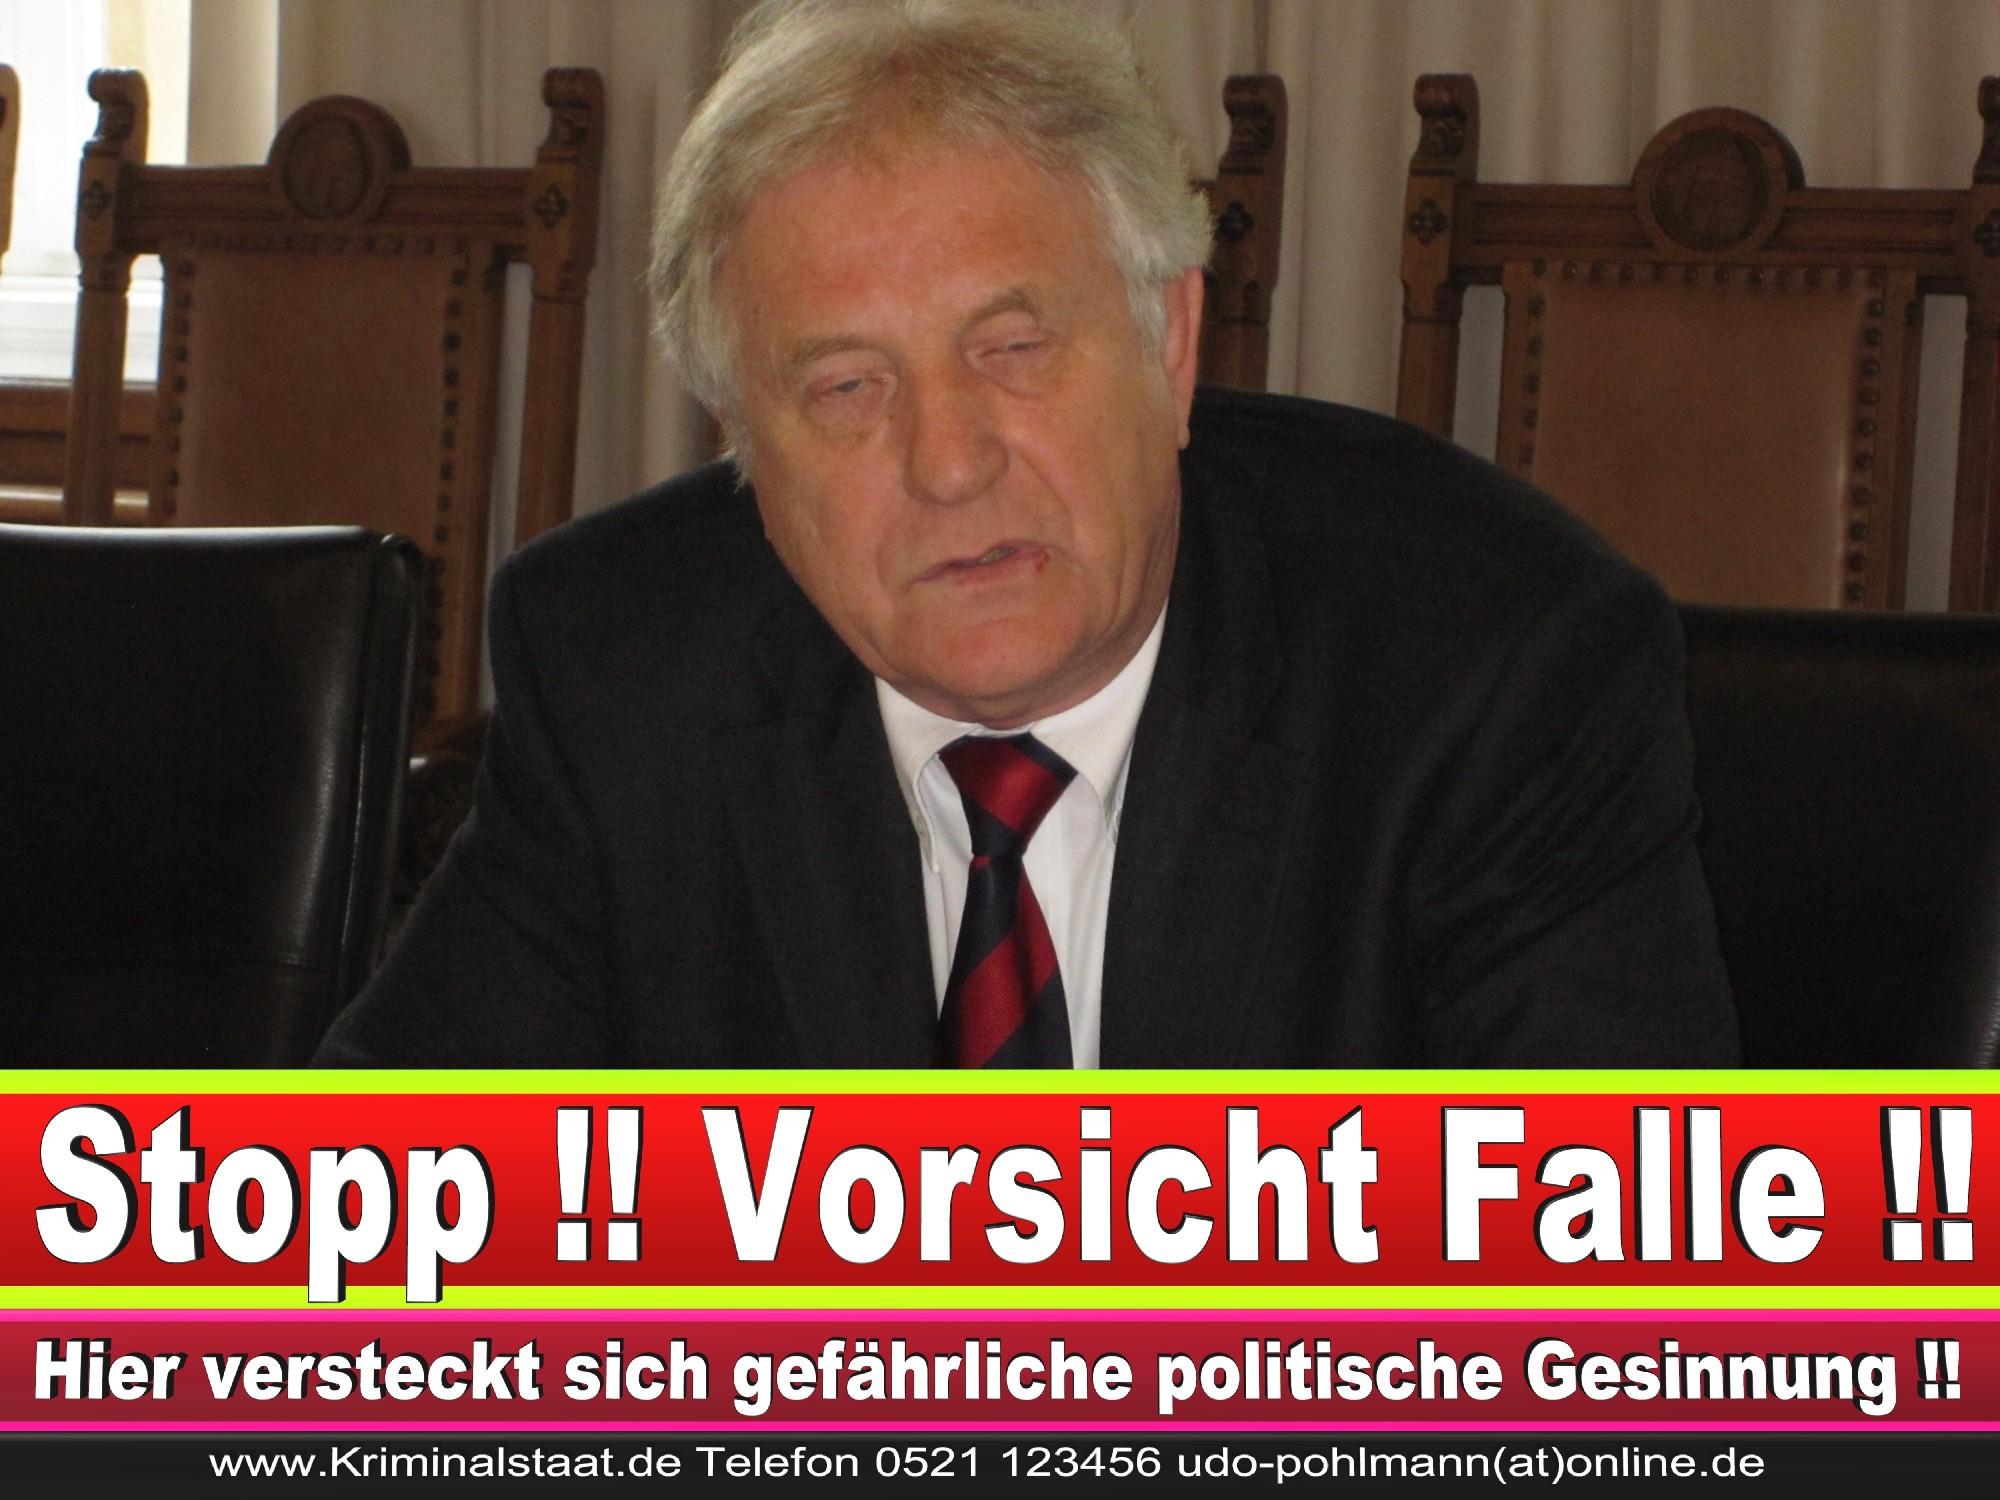 Polizeipräsident Erwin Südfeld Bielefeld Oberbürgermeister Bürgermeister Peter Clausen Pit Clausen Bielefeld (19)